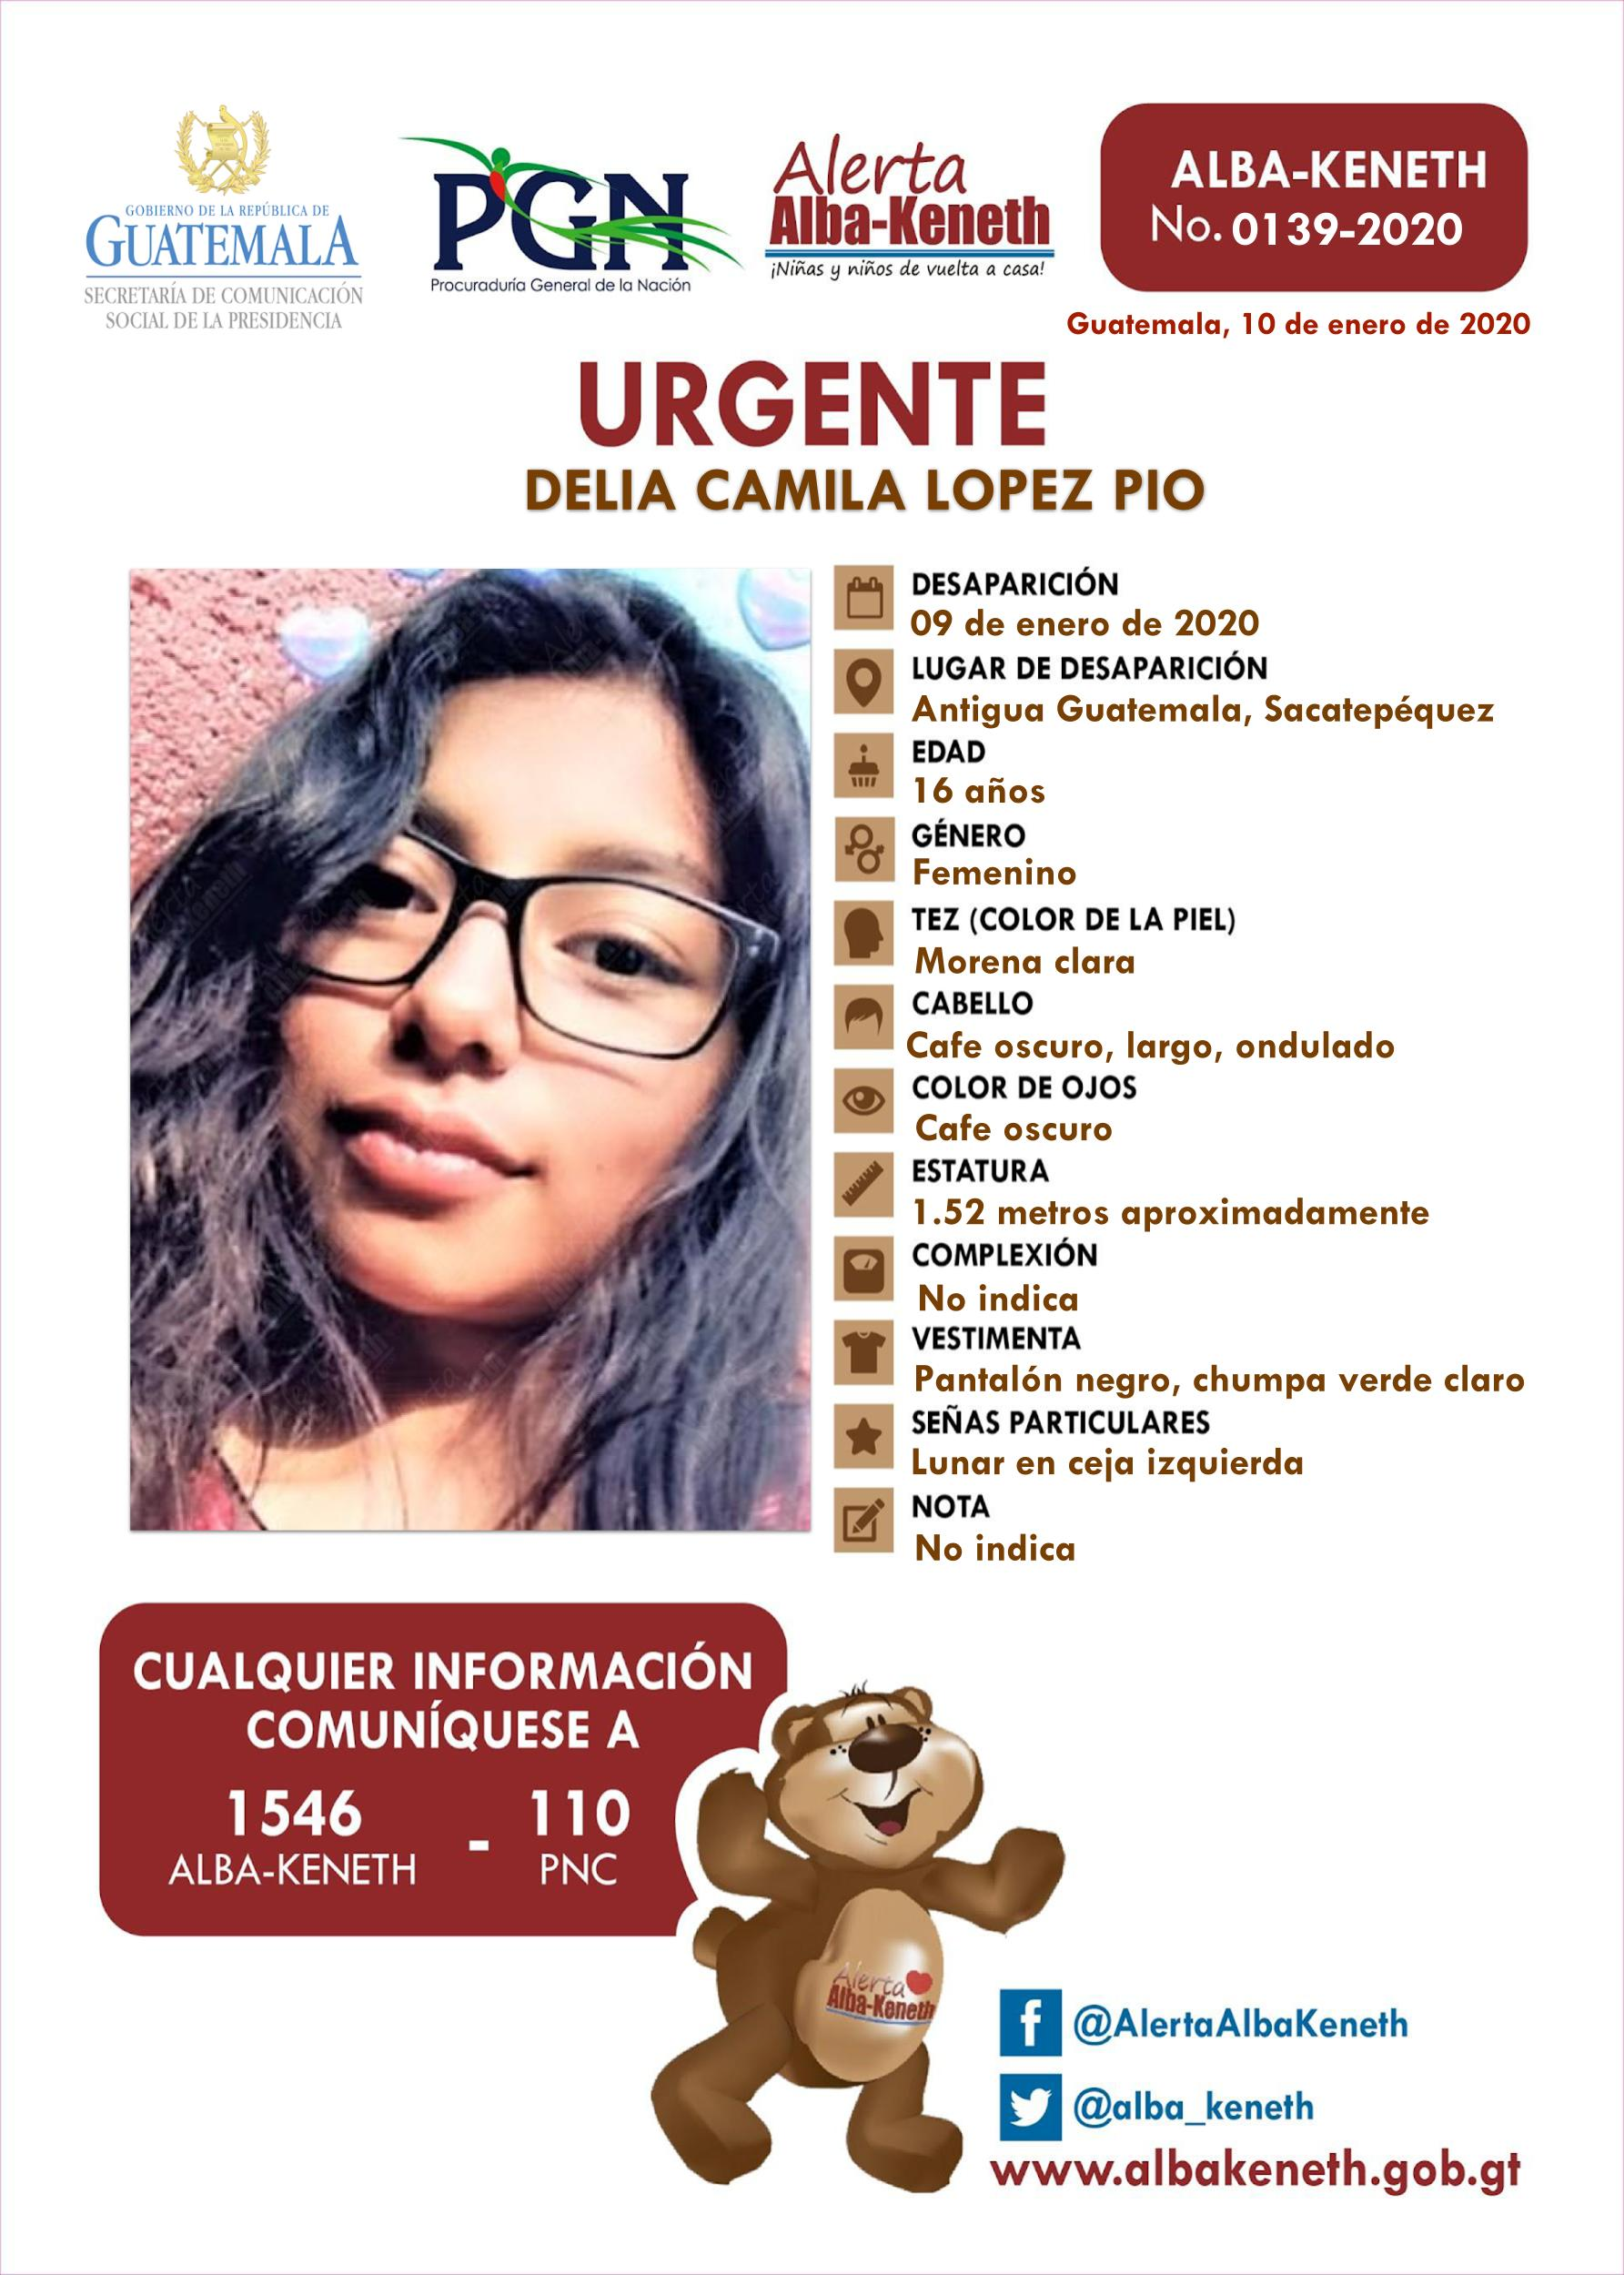 Delia Camila Lopez Pio